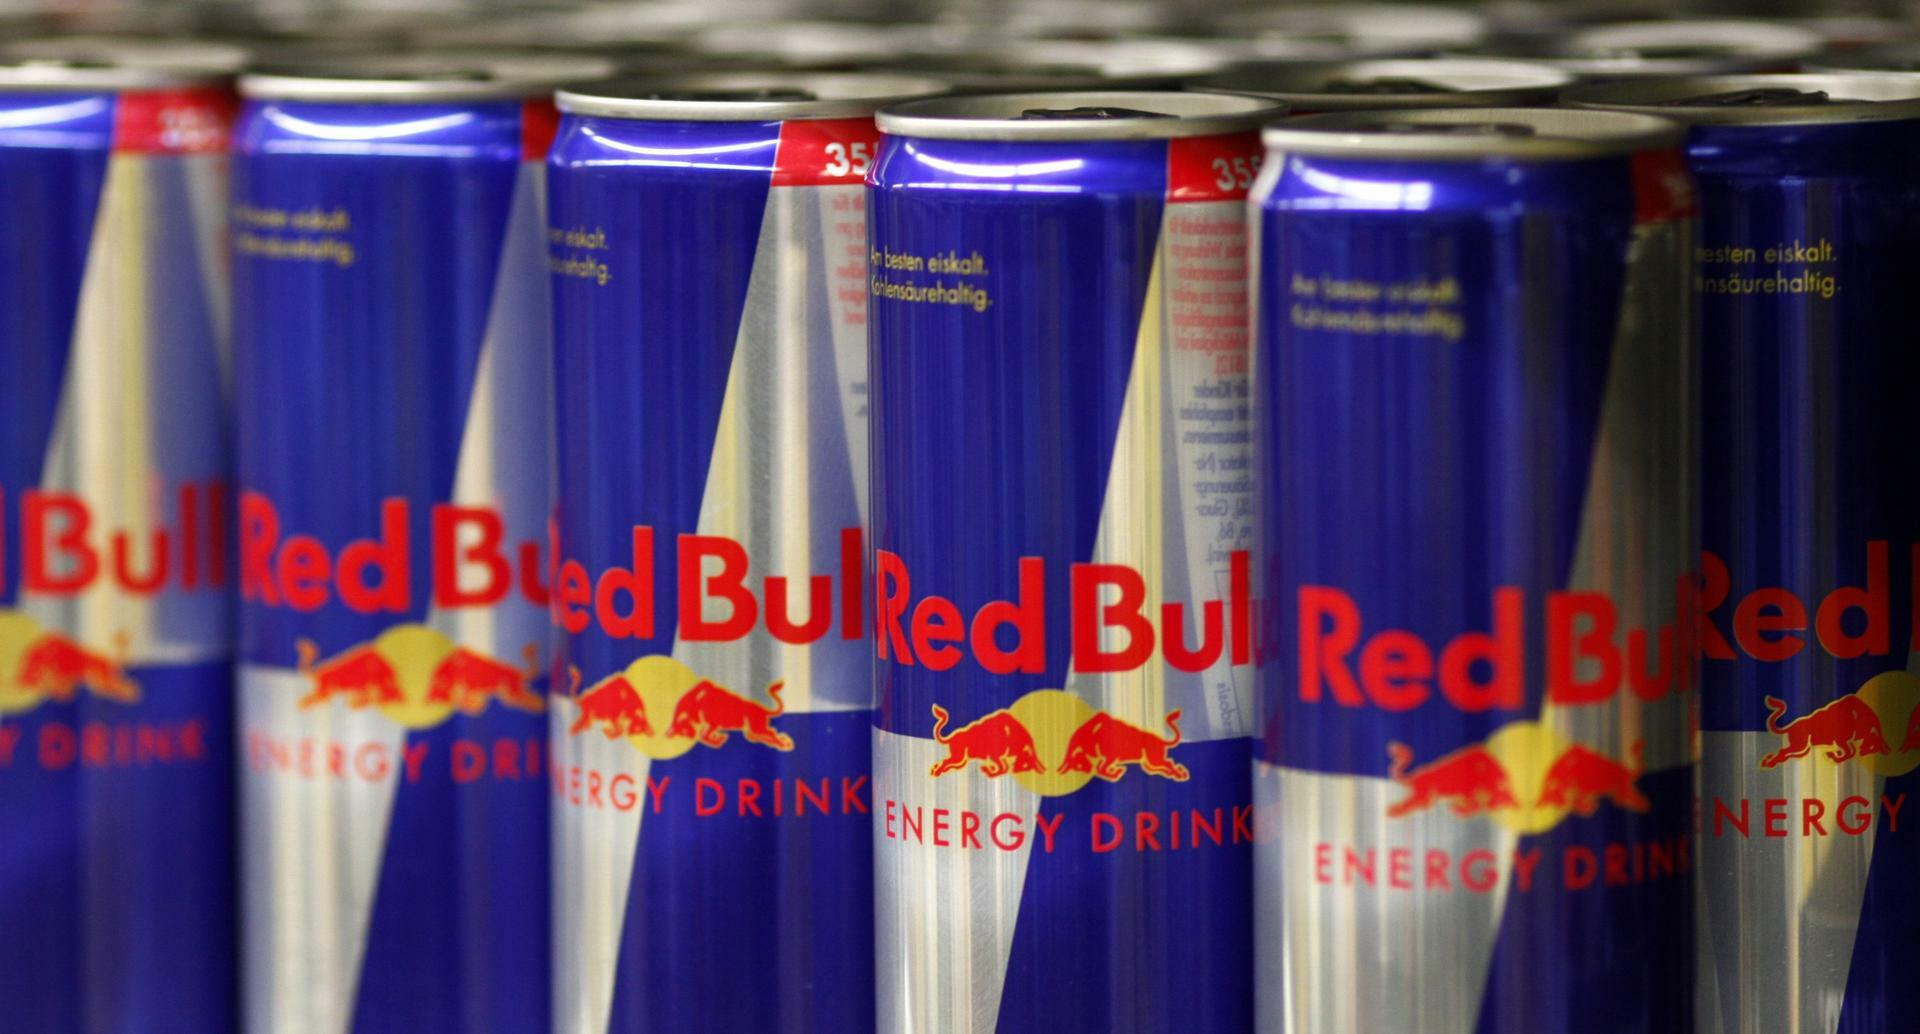 Red Bull Kühlschrank Groß : Red bull und co so wirkt eine dose energy drink auf den körper